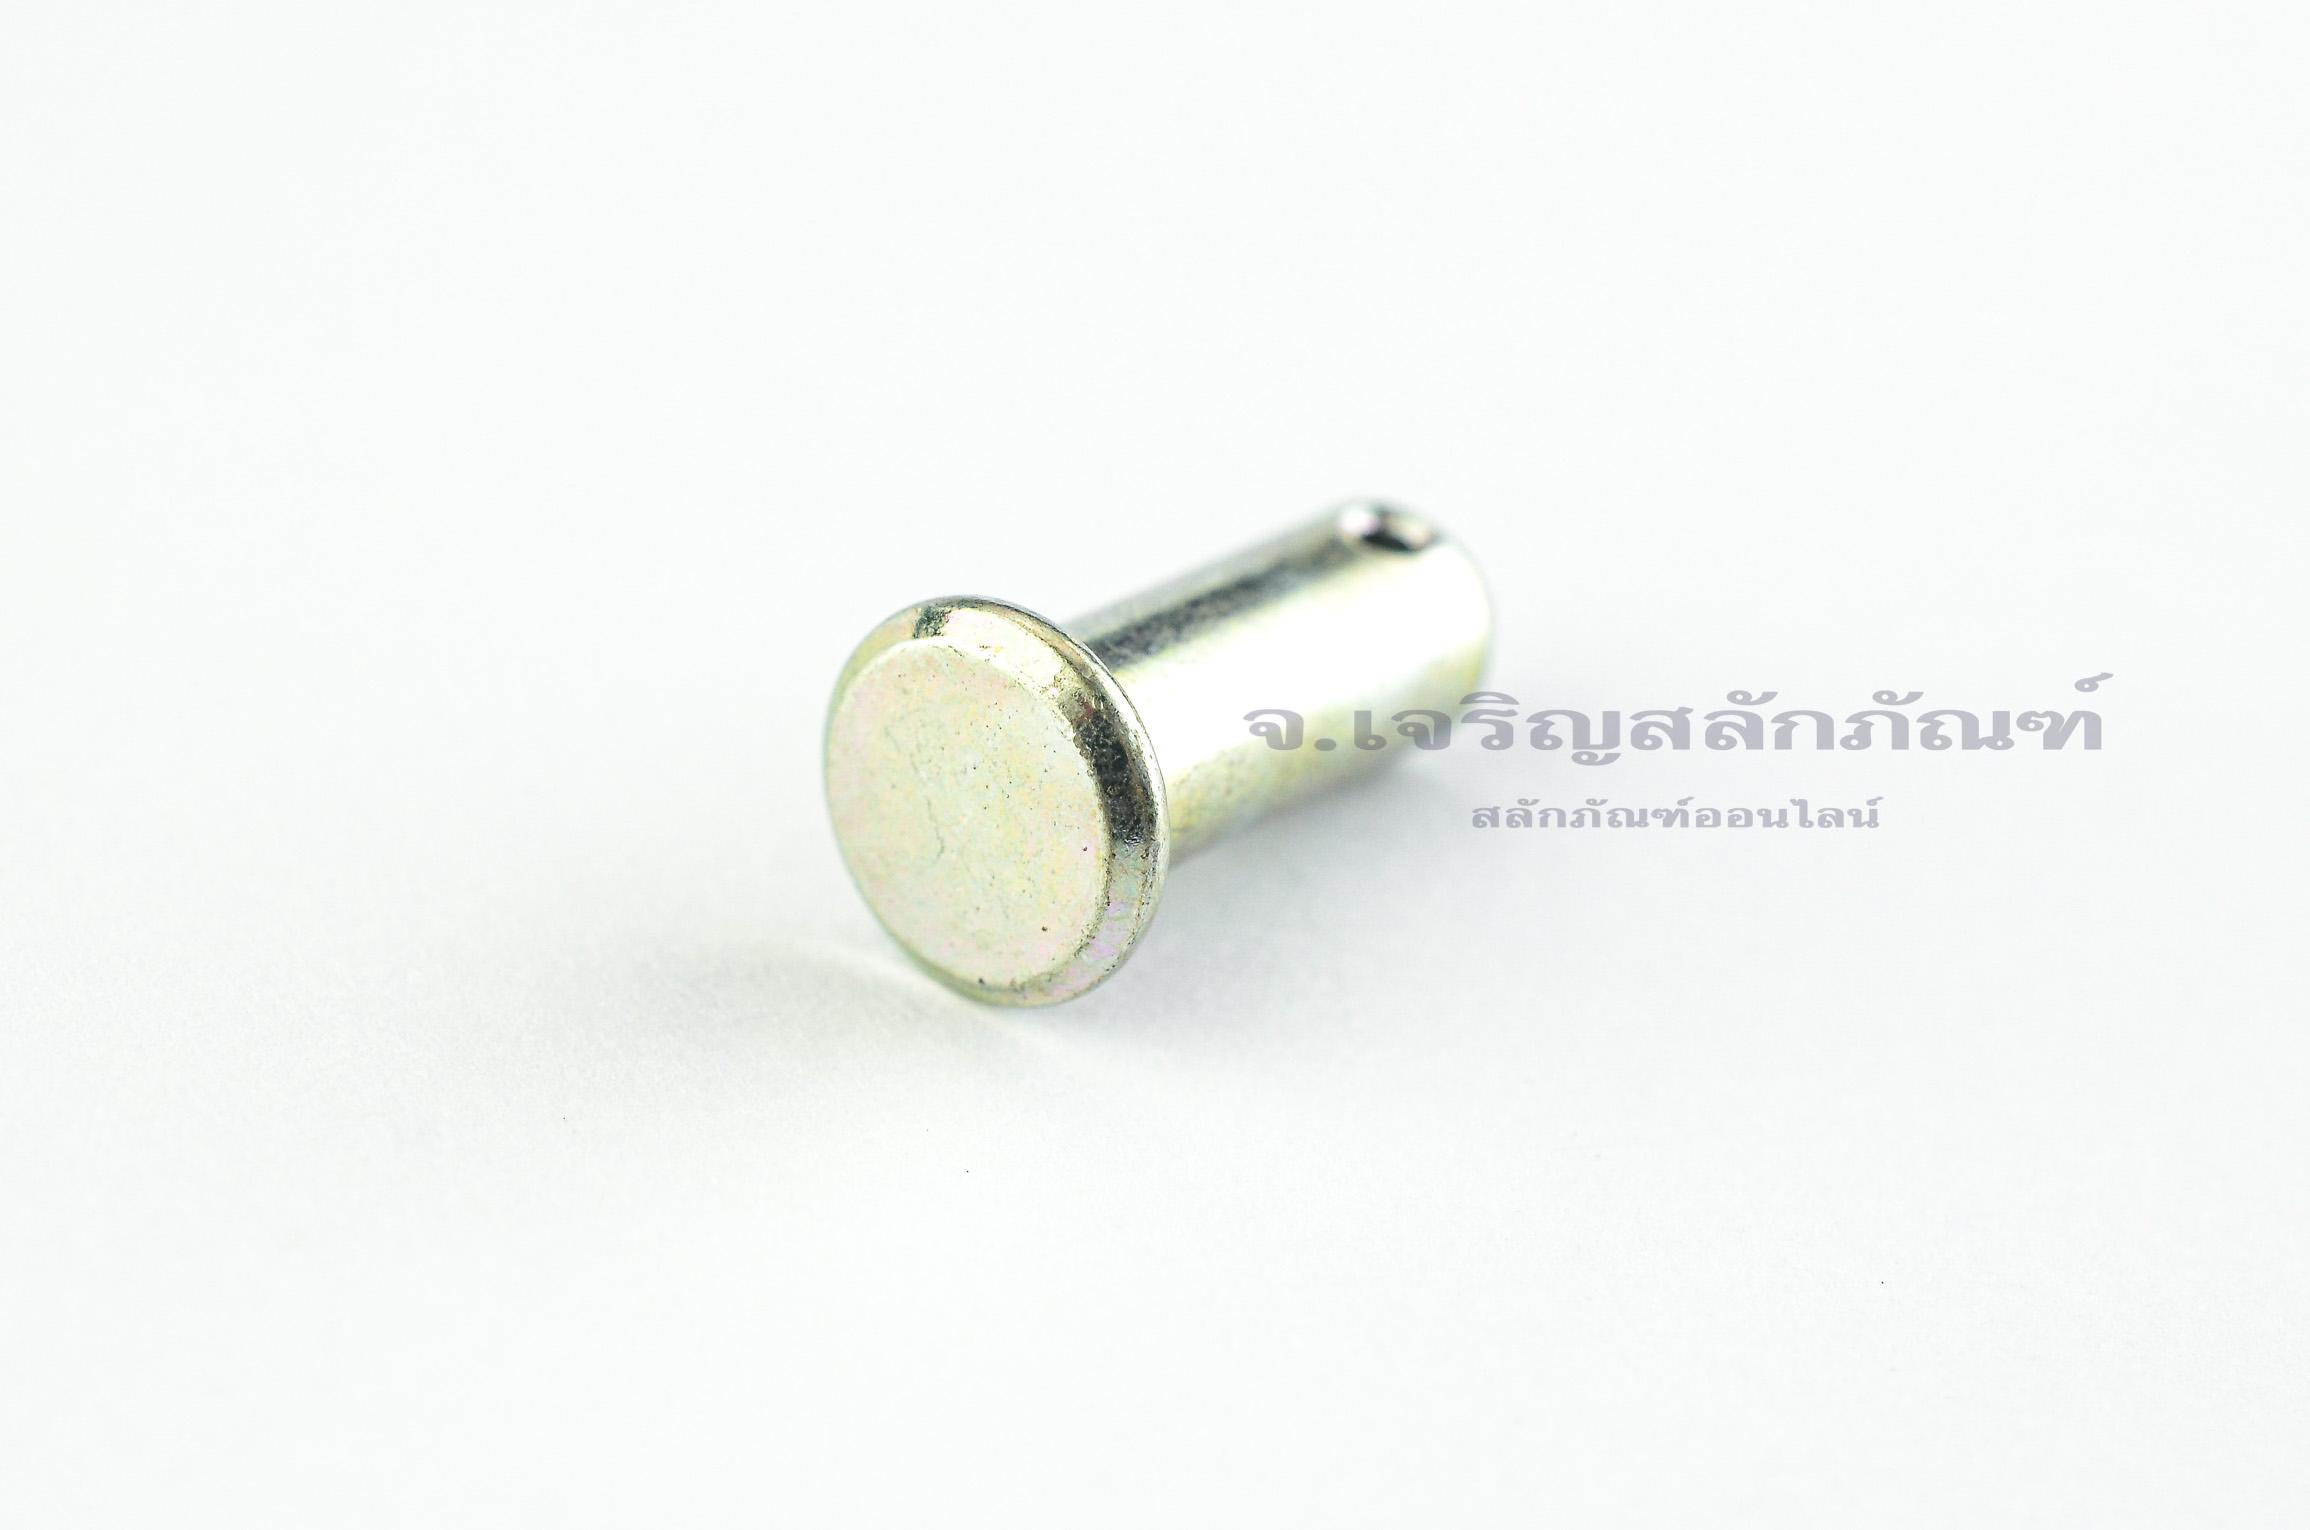 สลักหัวแบนกลม-ปิ๊นหัวแบน (Steel Clevis Pin) ขนาด 8x20